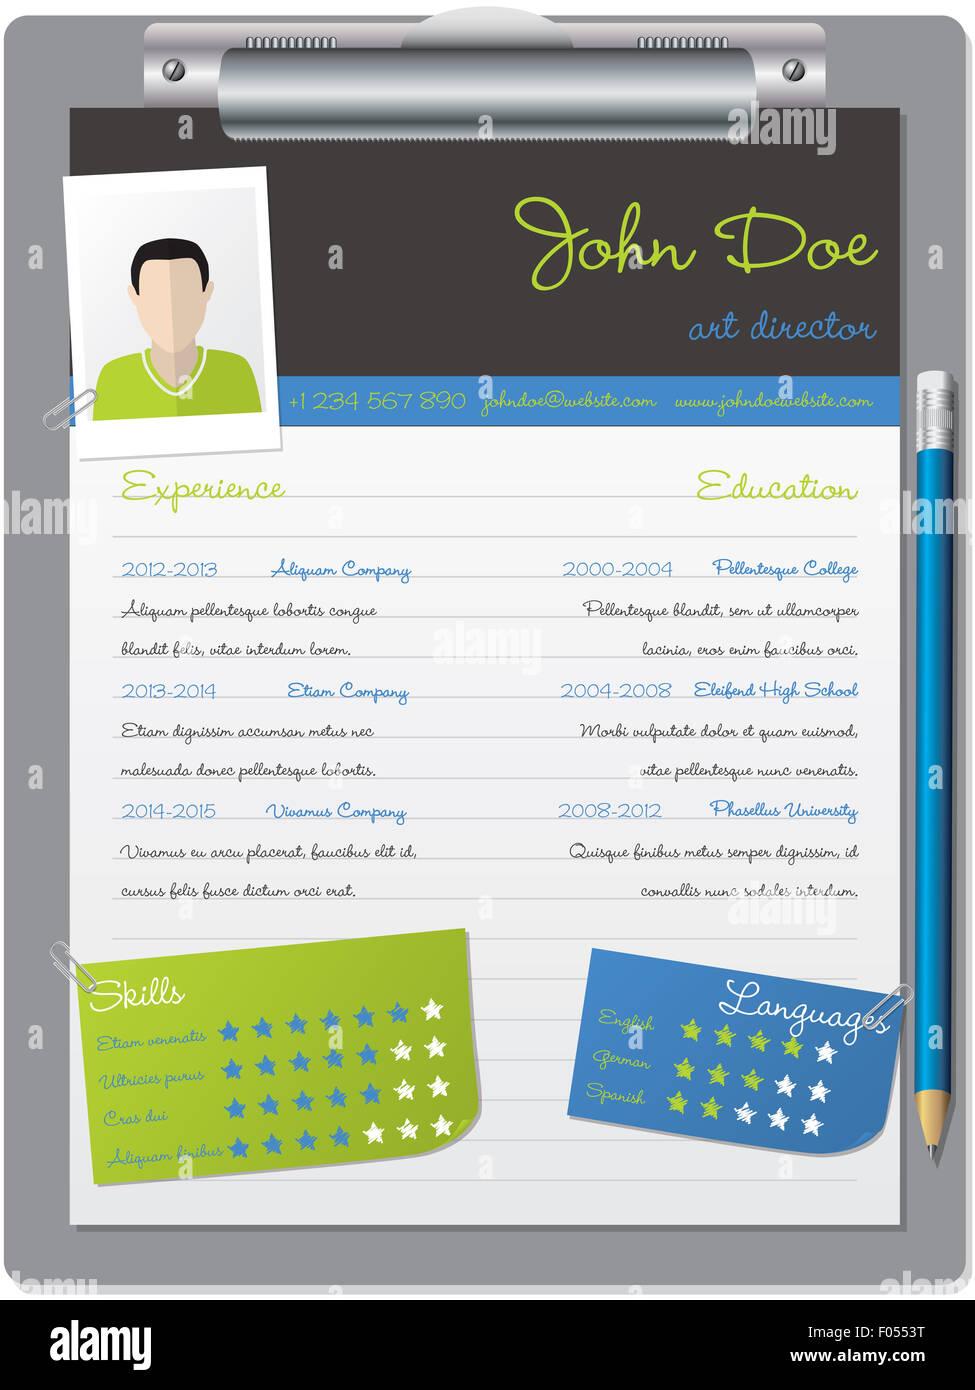 Cool Curriculum Vitae Cv Resume Imágenes De Stock & Cool Curriculum ...